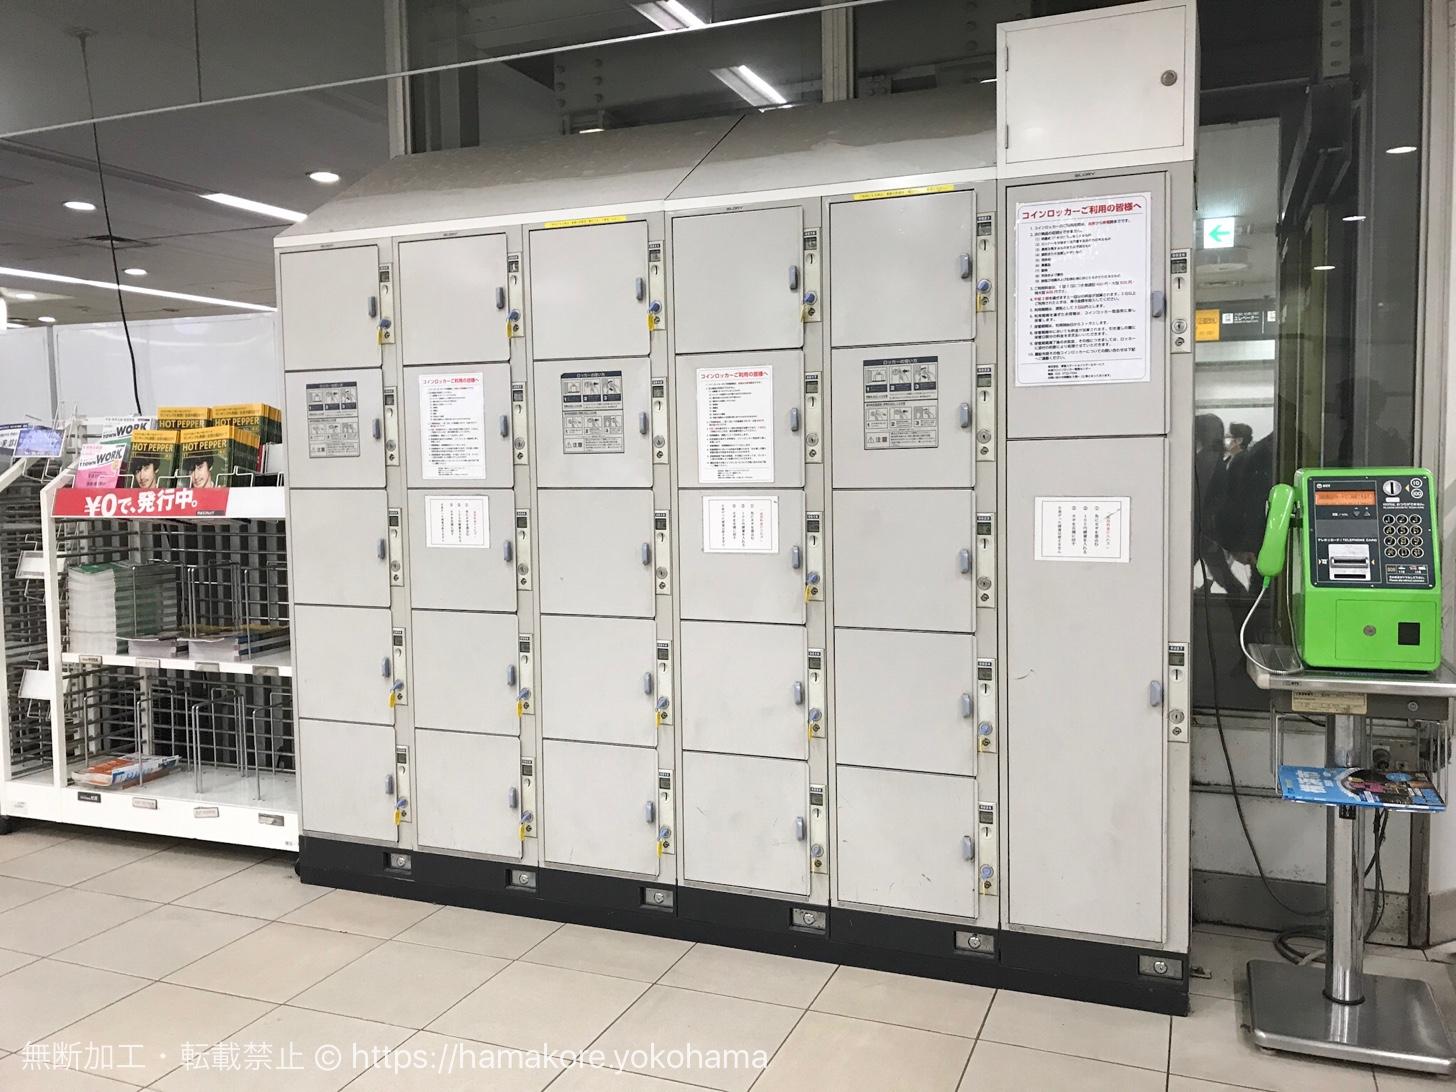 東急線ユーザにオススメのコインロッカー